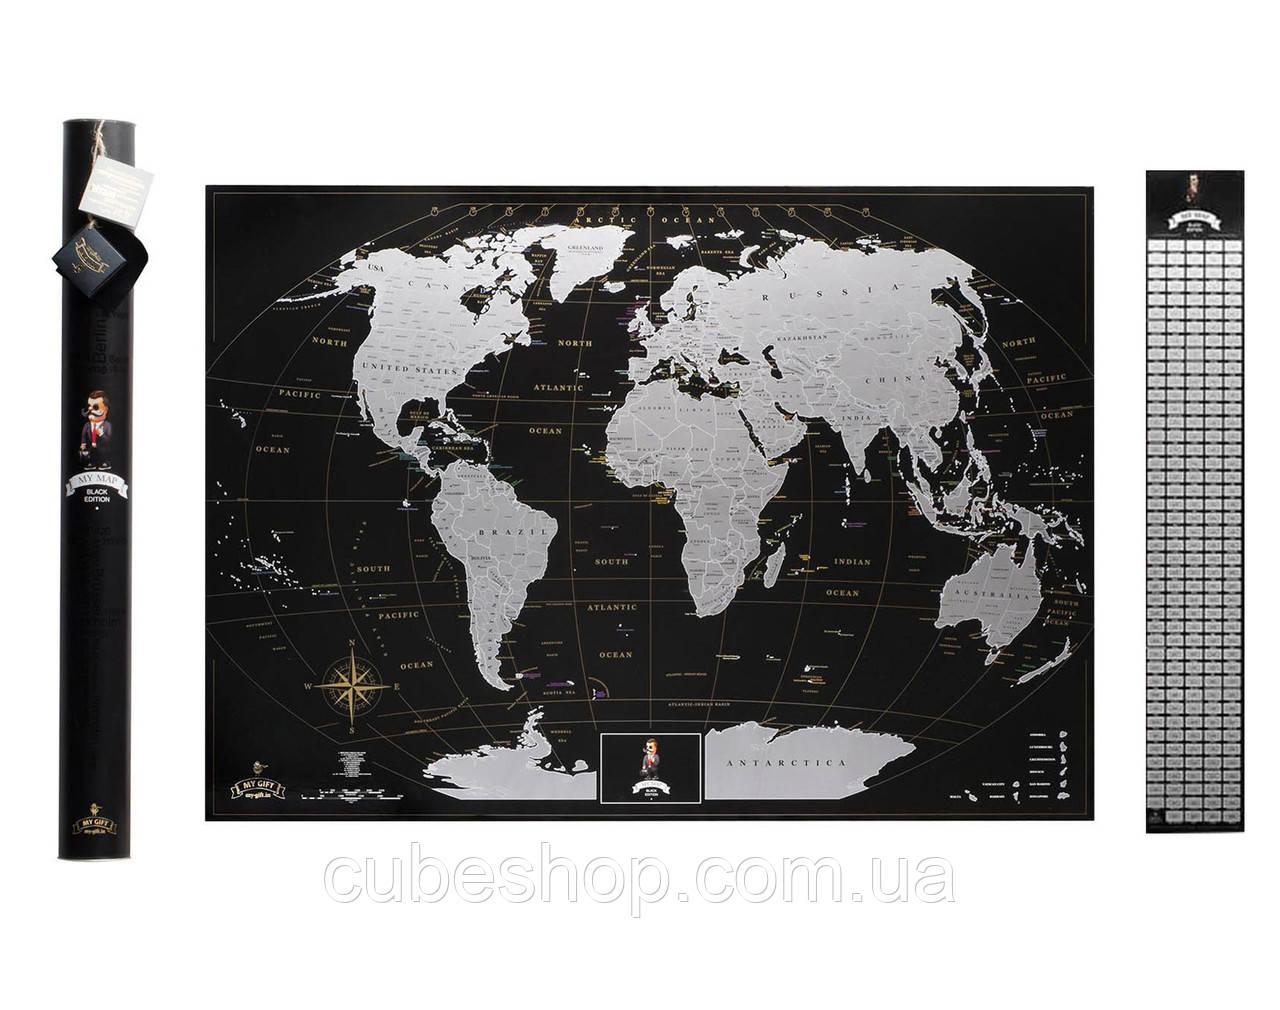 Скретч карта мира My Map Black edition Silver (английский язык) в тубусе (черная)